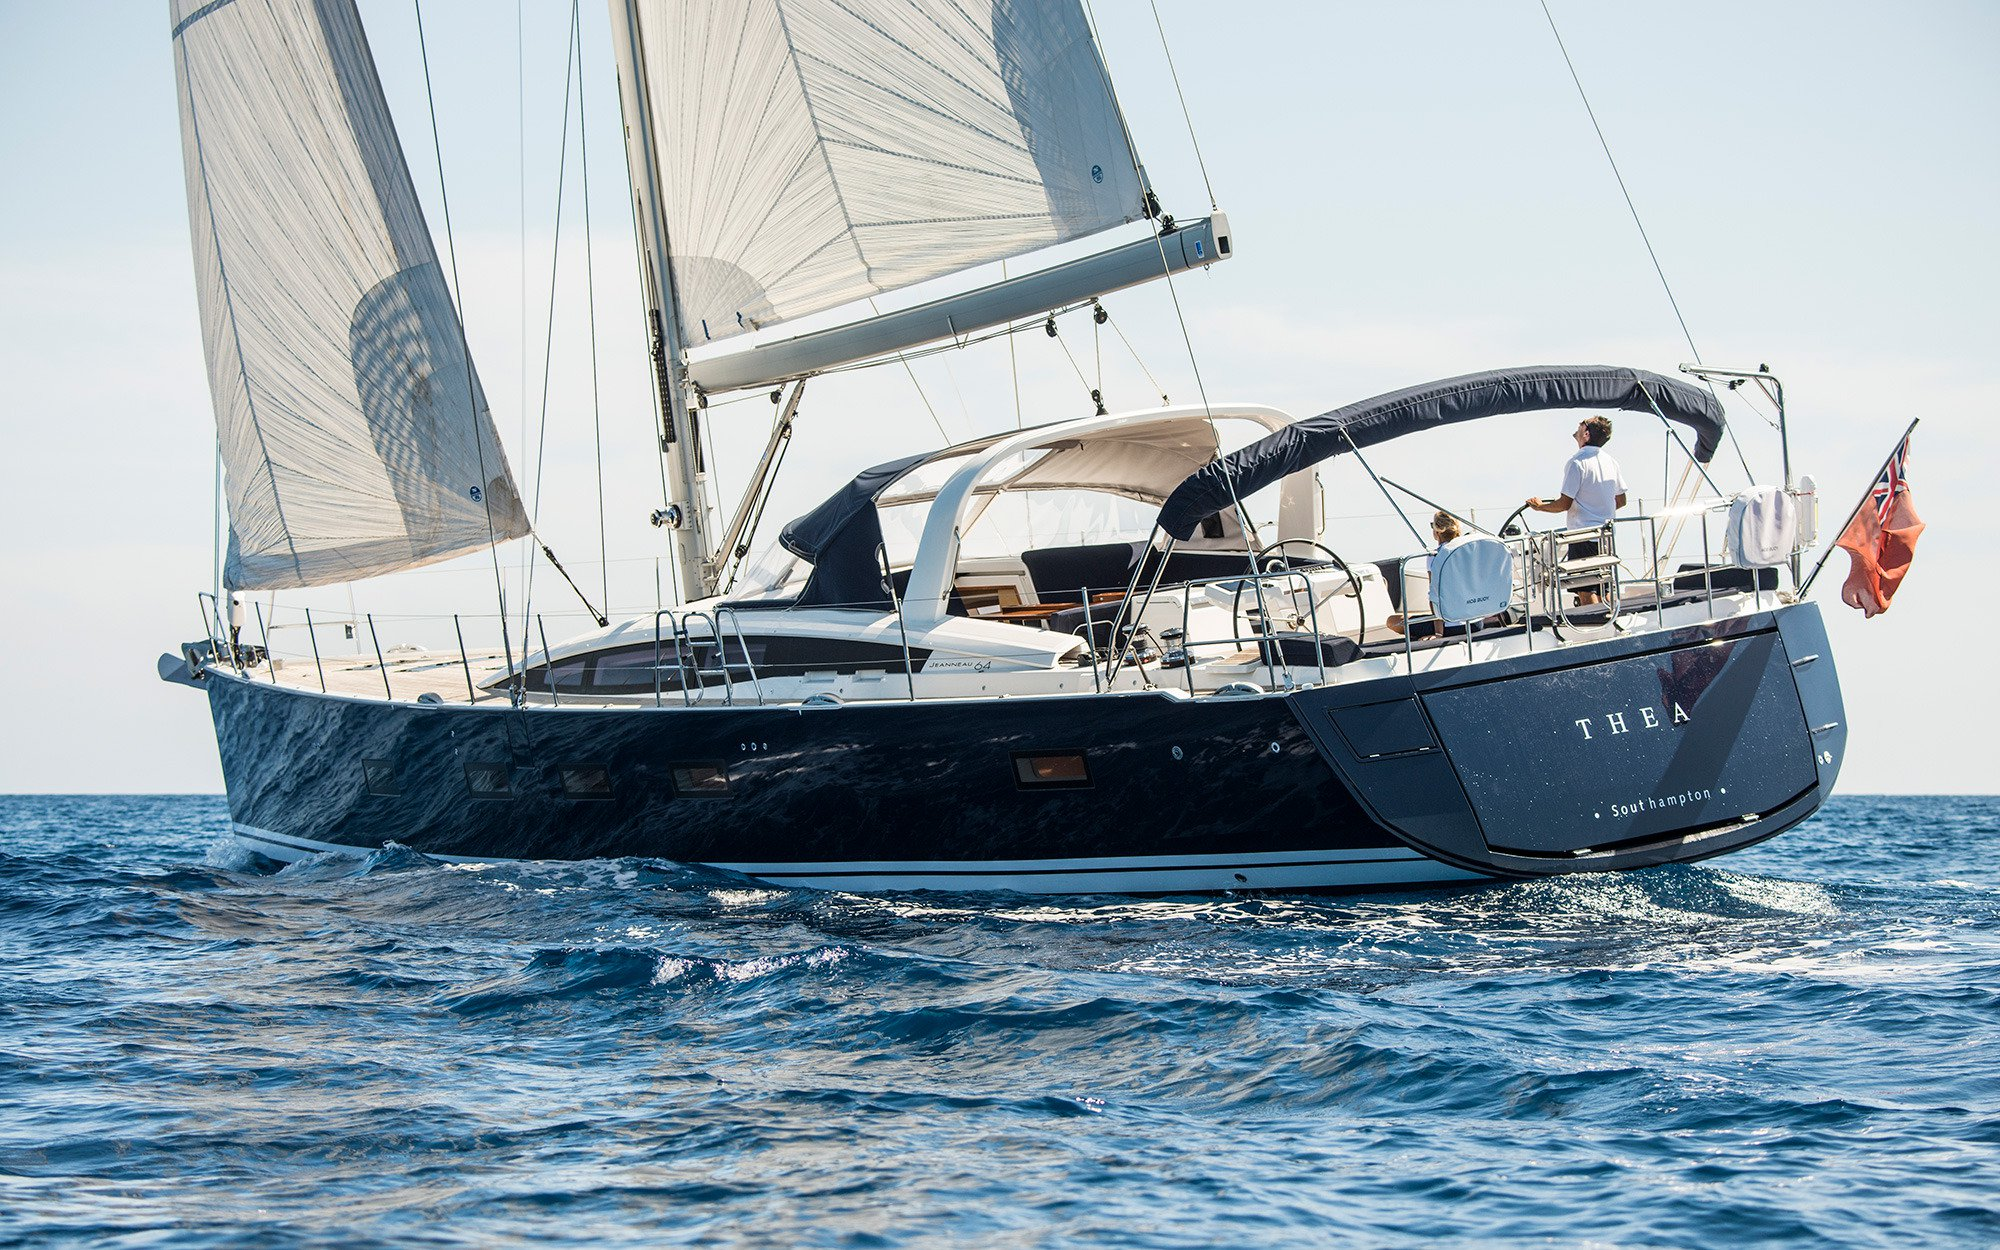 Jeanneau sailing yacht THEA - Main shot